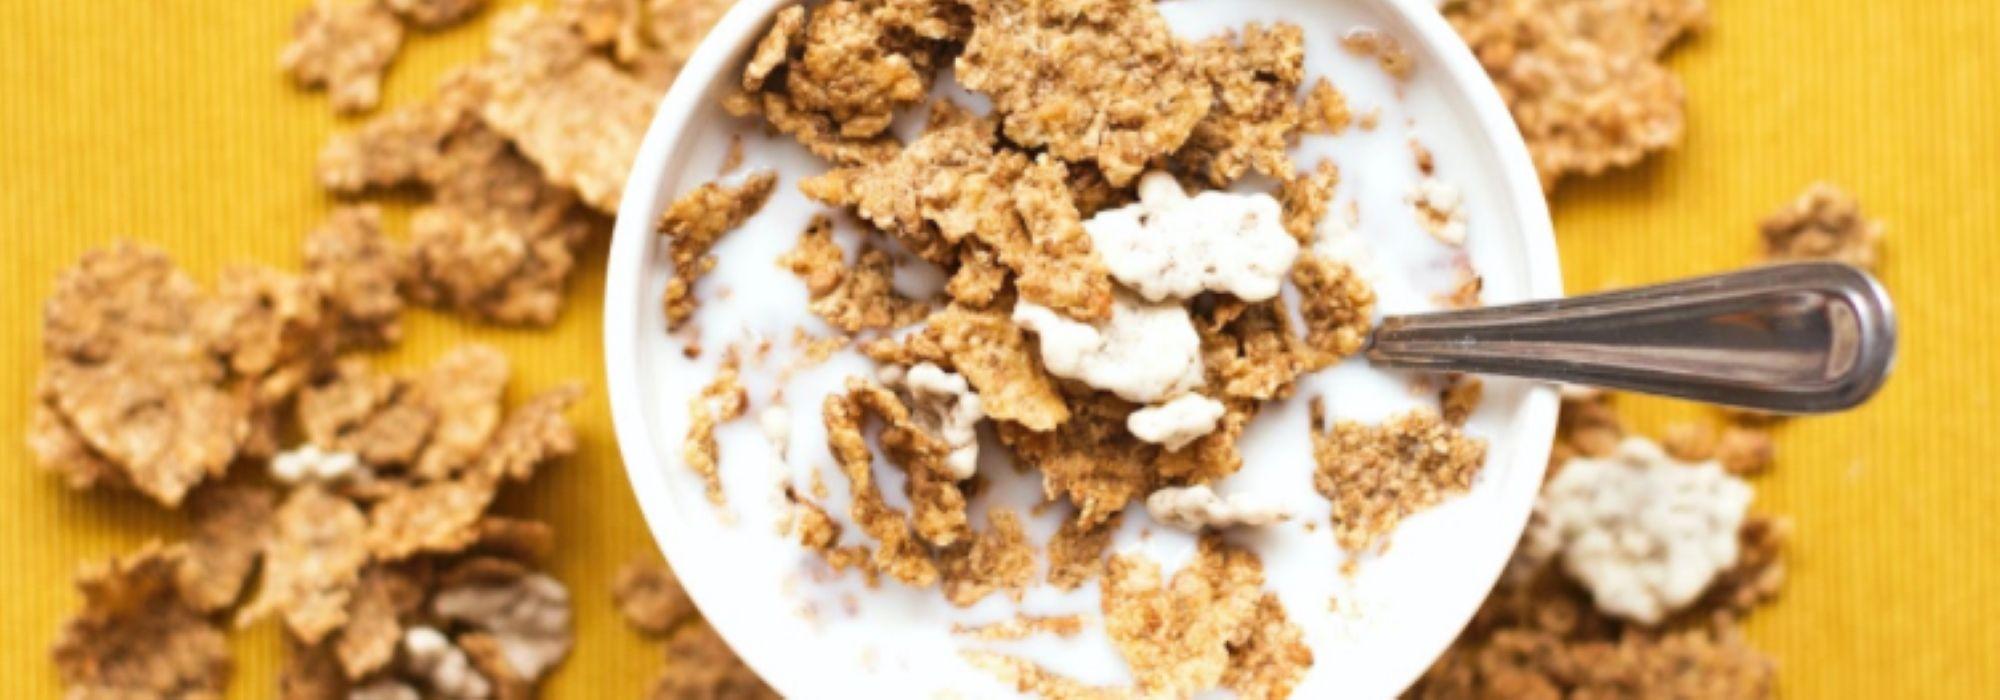 Taza con cereales que representa al sector de la alimentación